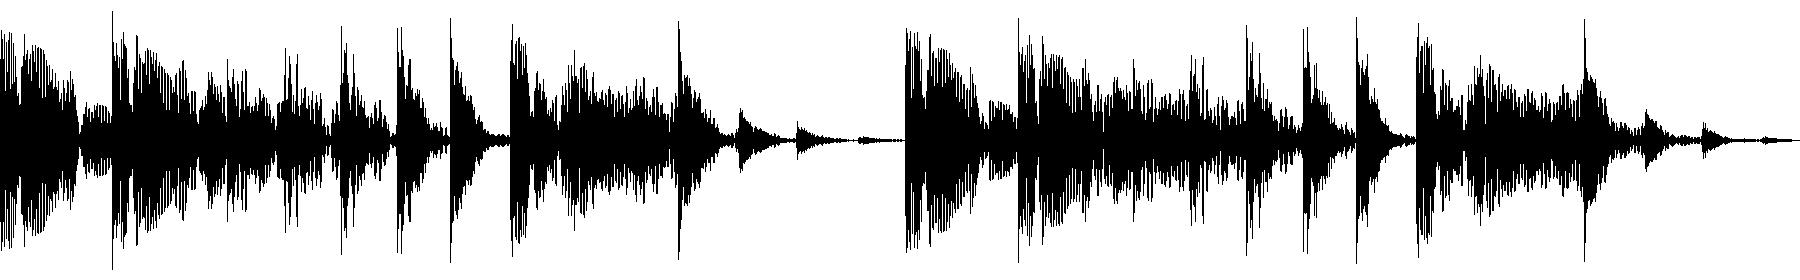 blbc electrodrums fx 95 04